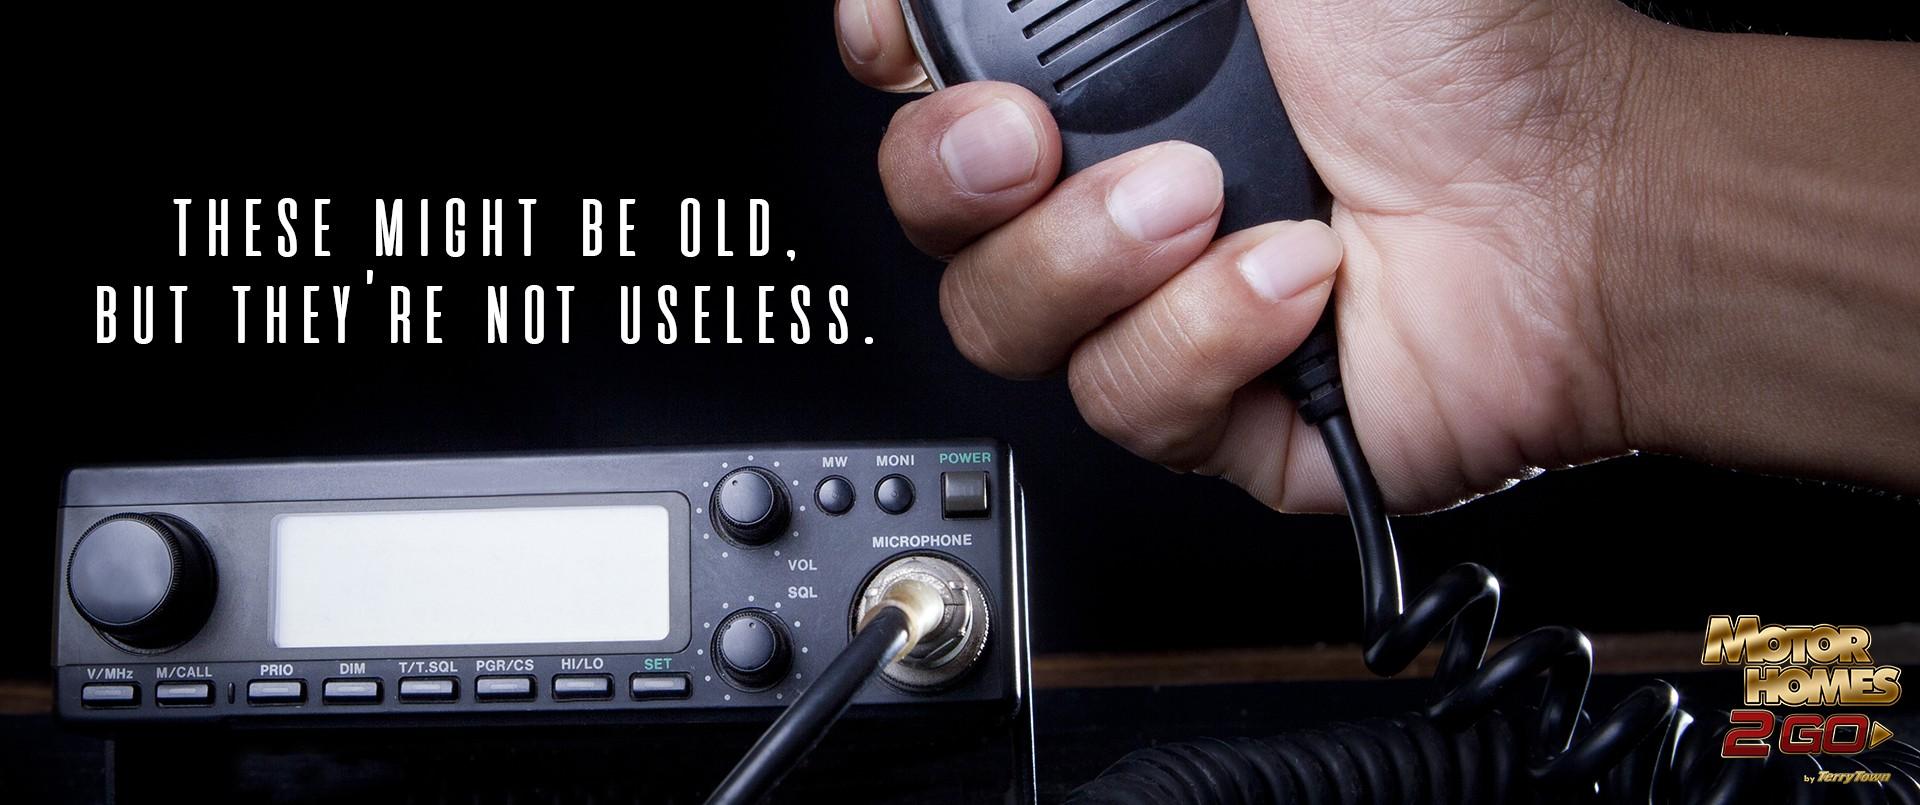 CB Radios are still useful.